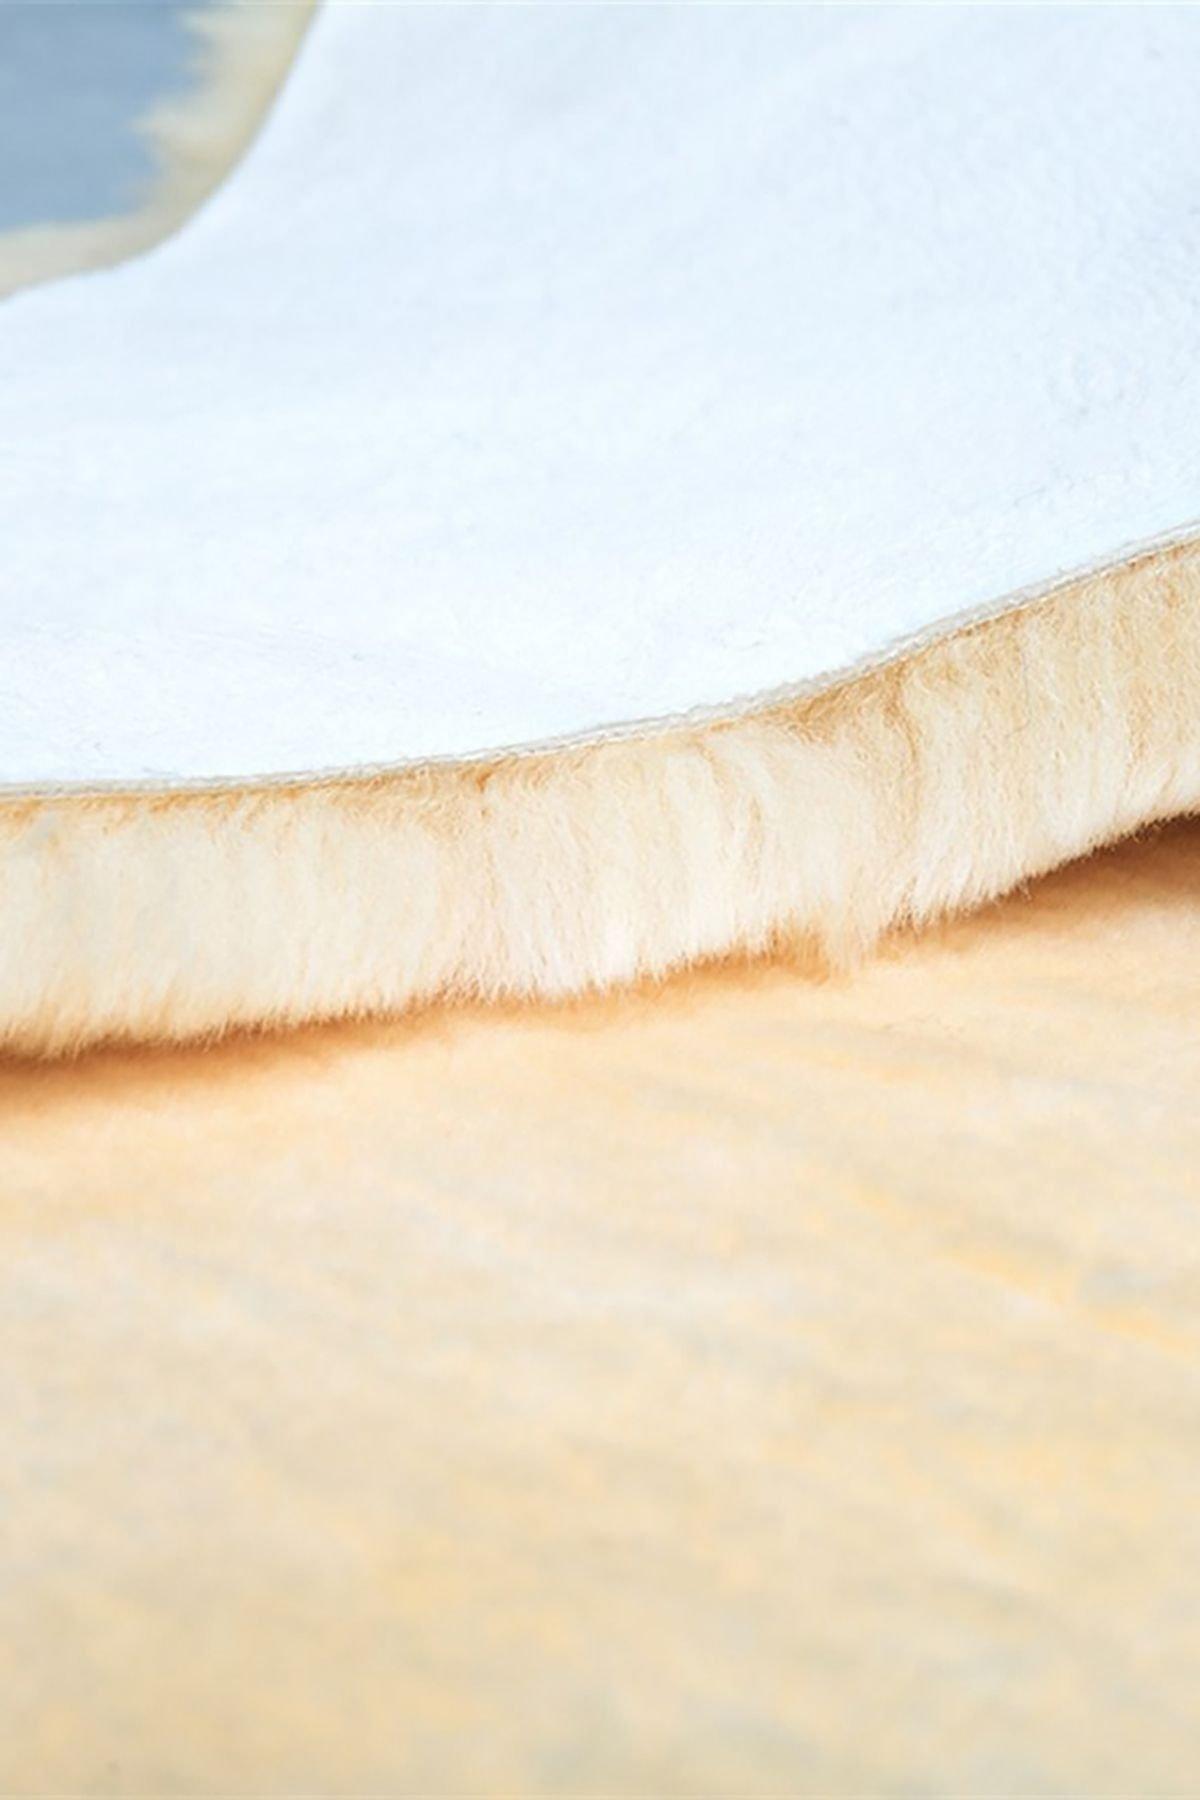 Sheepy Care Medikal Koyun Postu - Bebekler İçin MDK002 Naturel